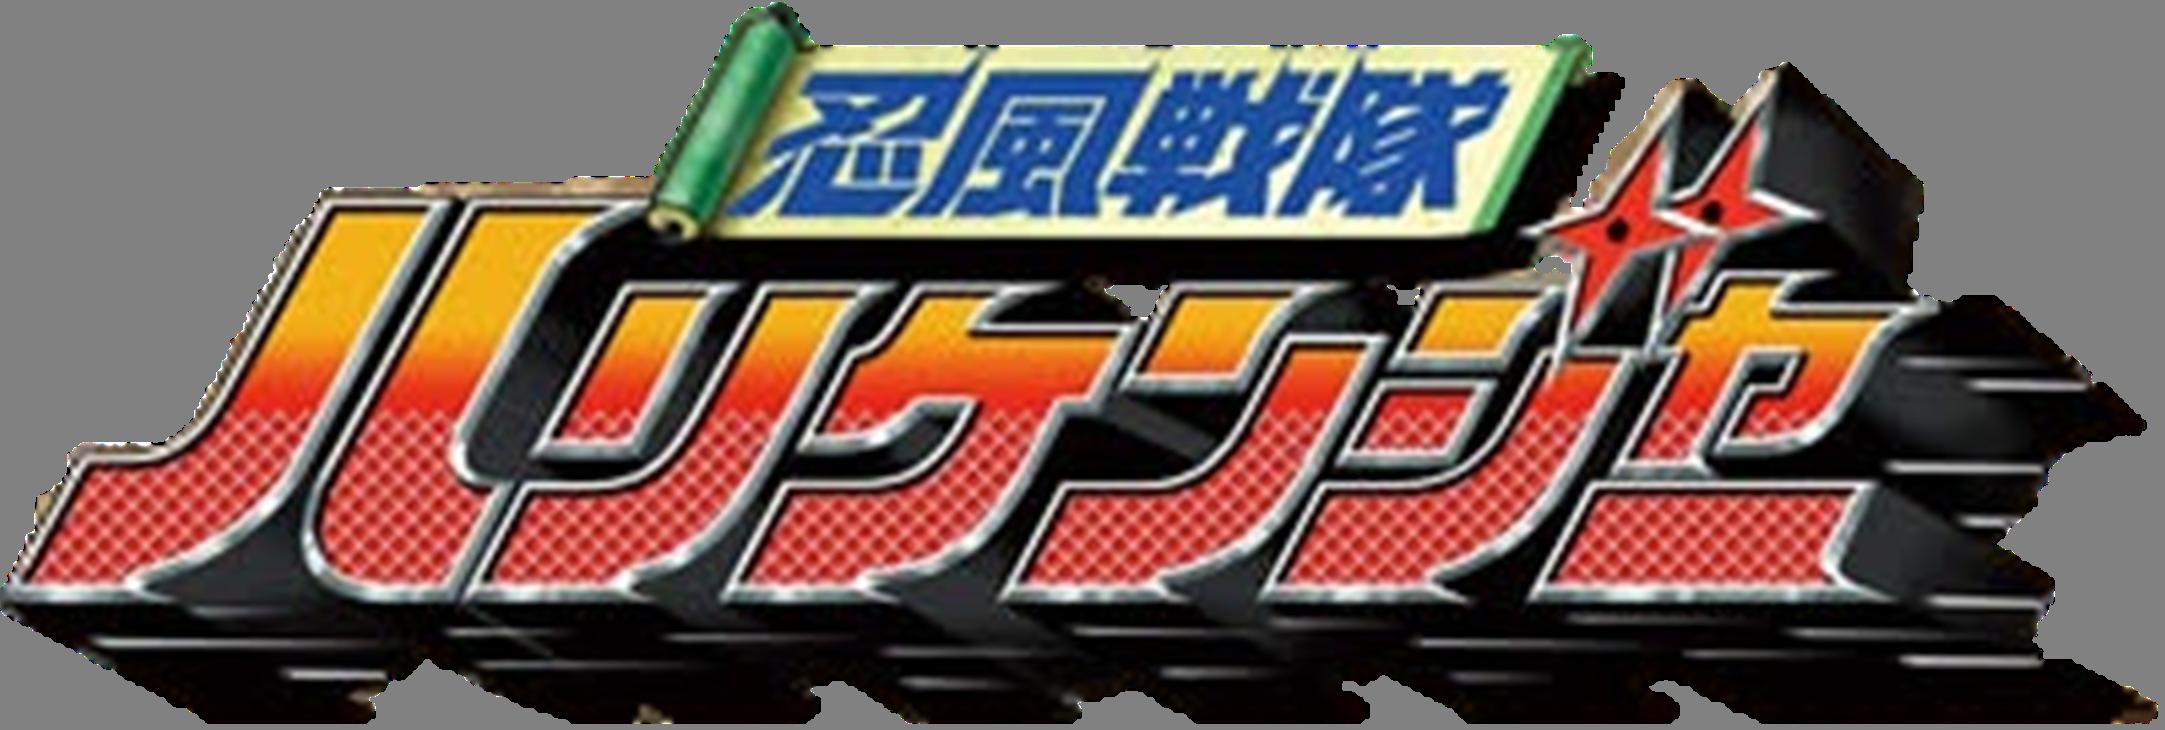 忍風戦隊ハリケンジャー タイトルロゴ